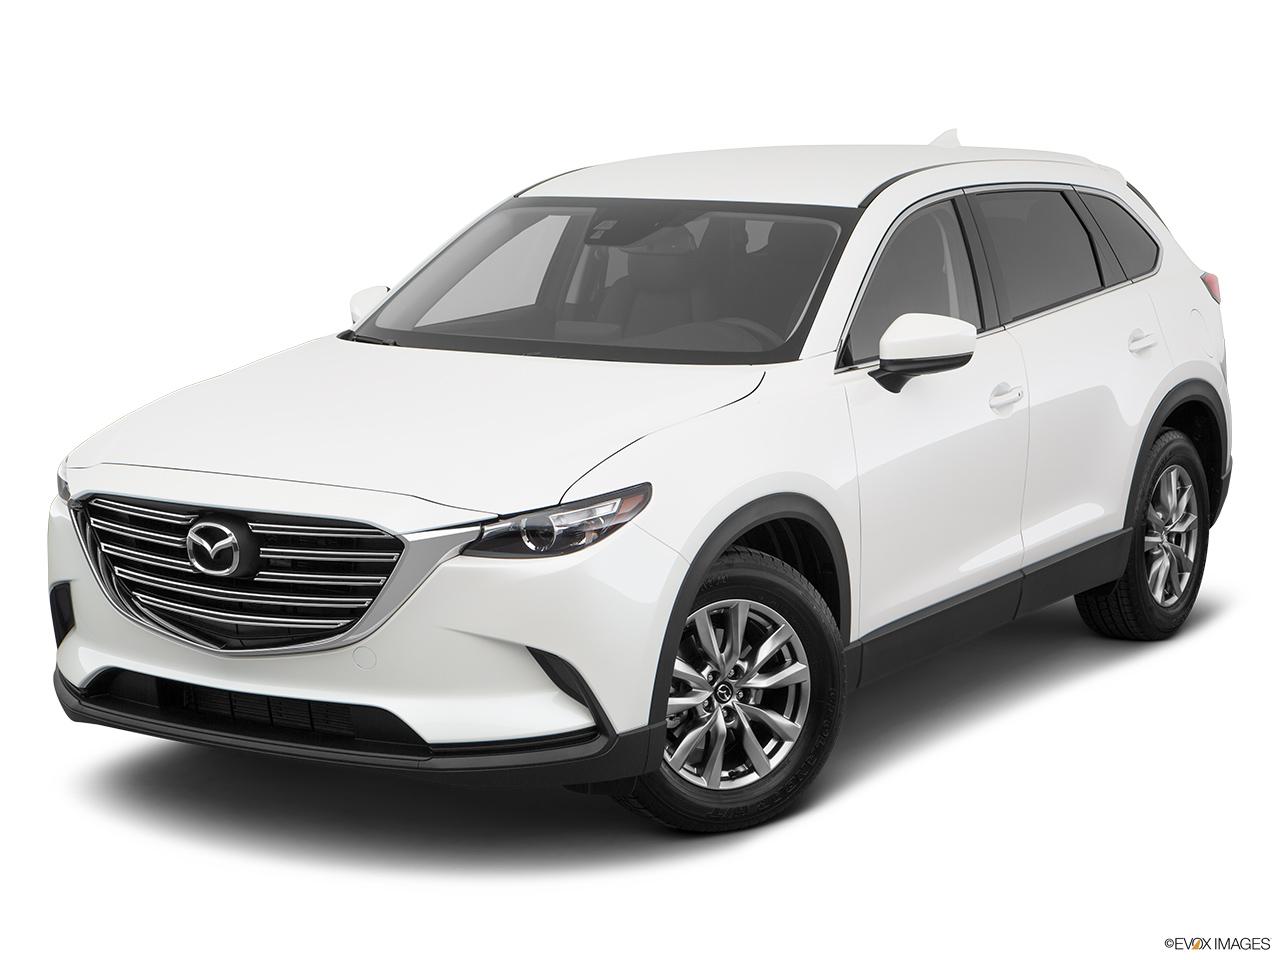 Kelebihan Kekurangan Harga Mazda Cx 5 Harga